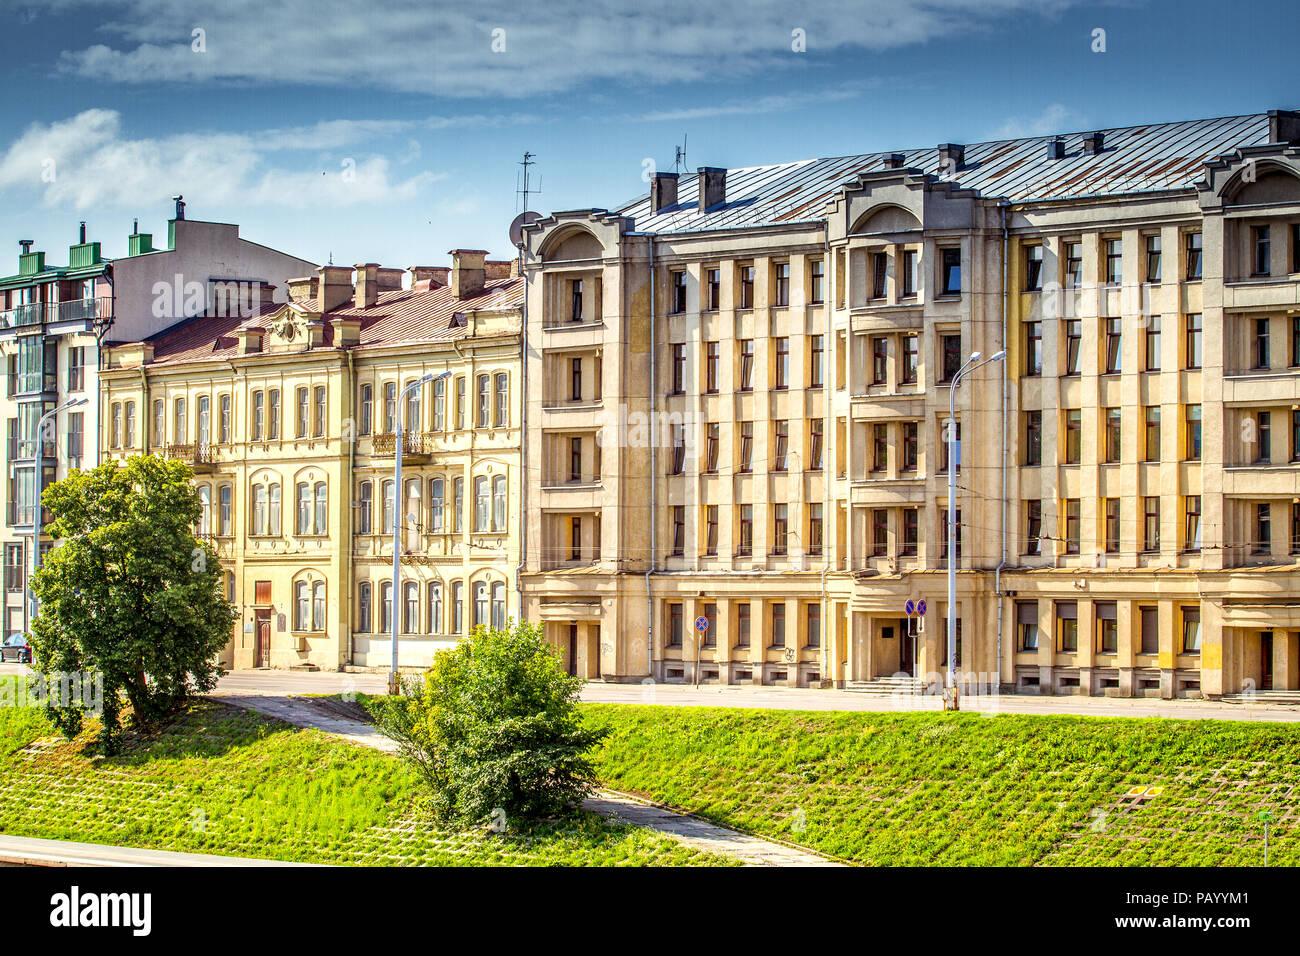 Franzosischer Balkon Retro Franzosisch Beeinflusst Stockfotos